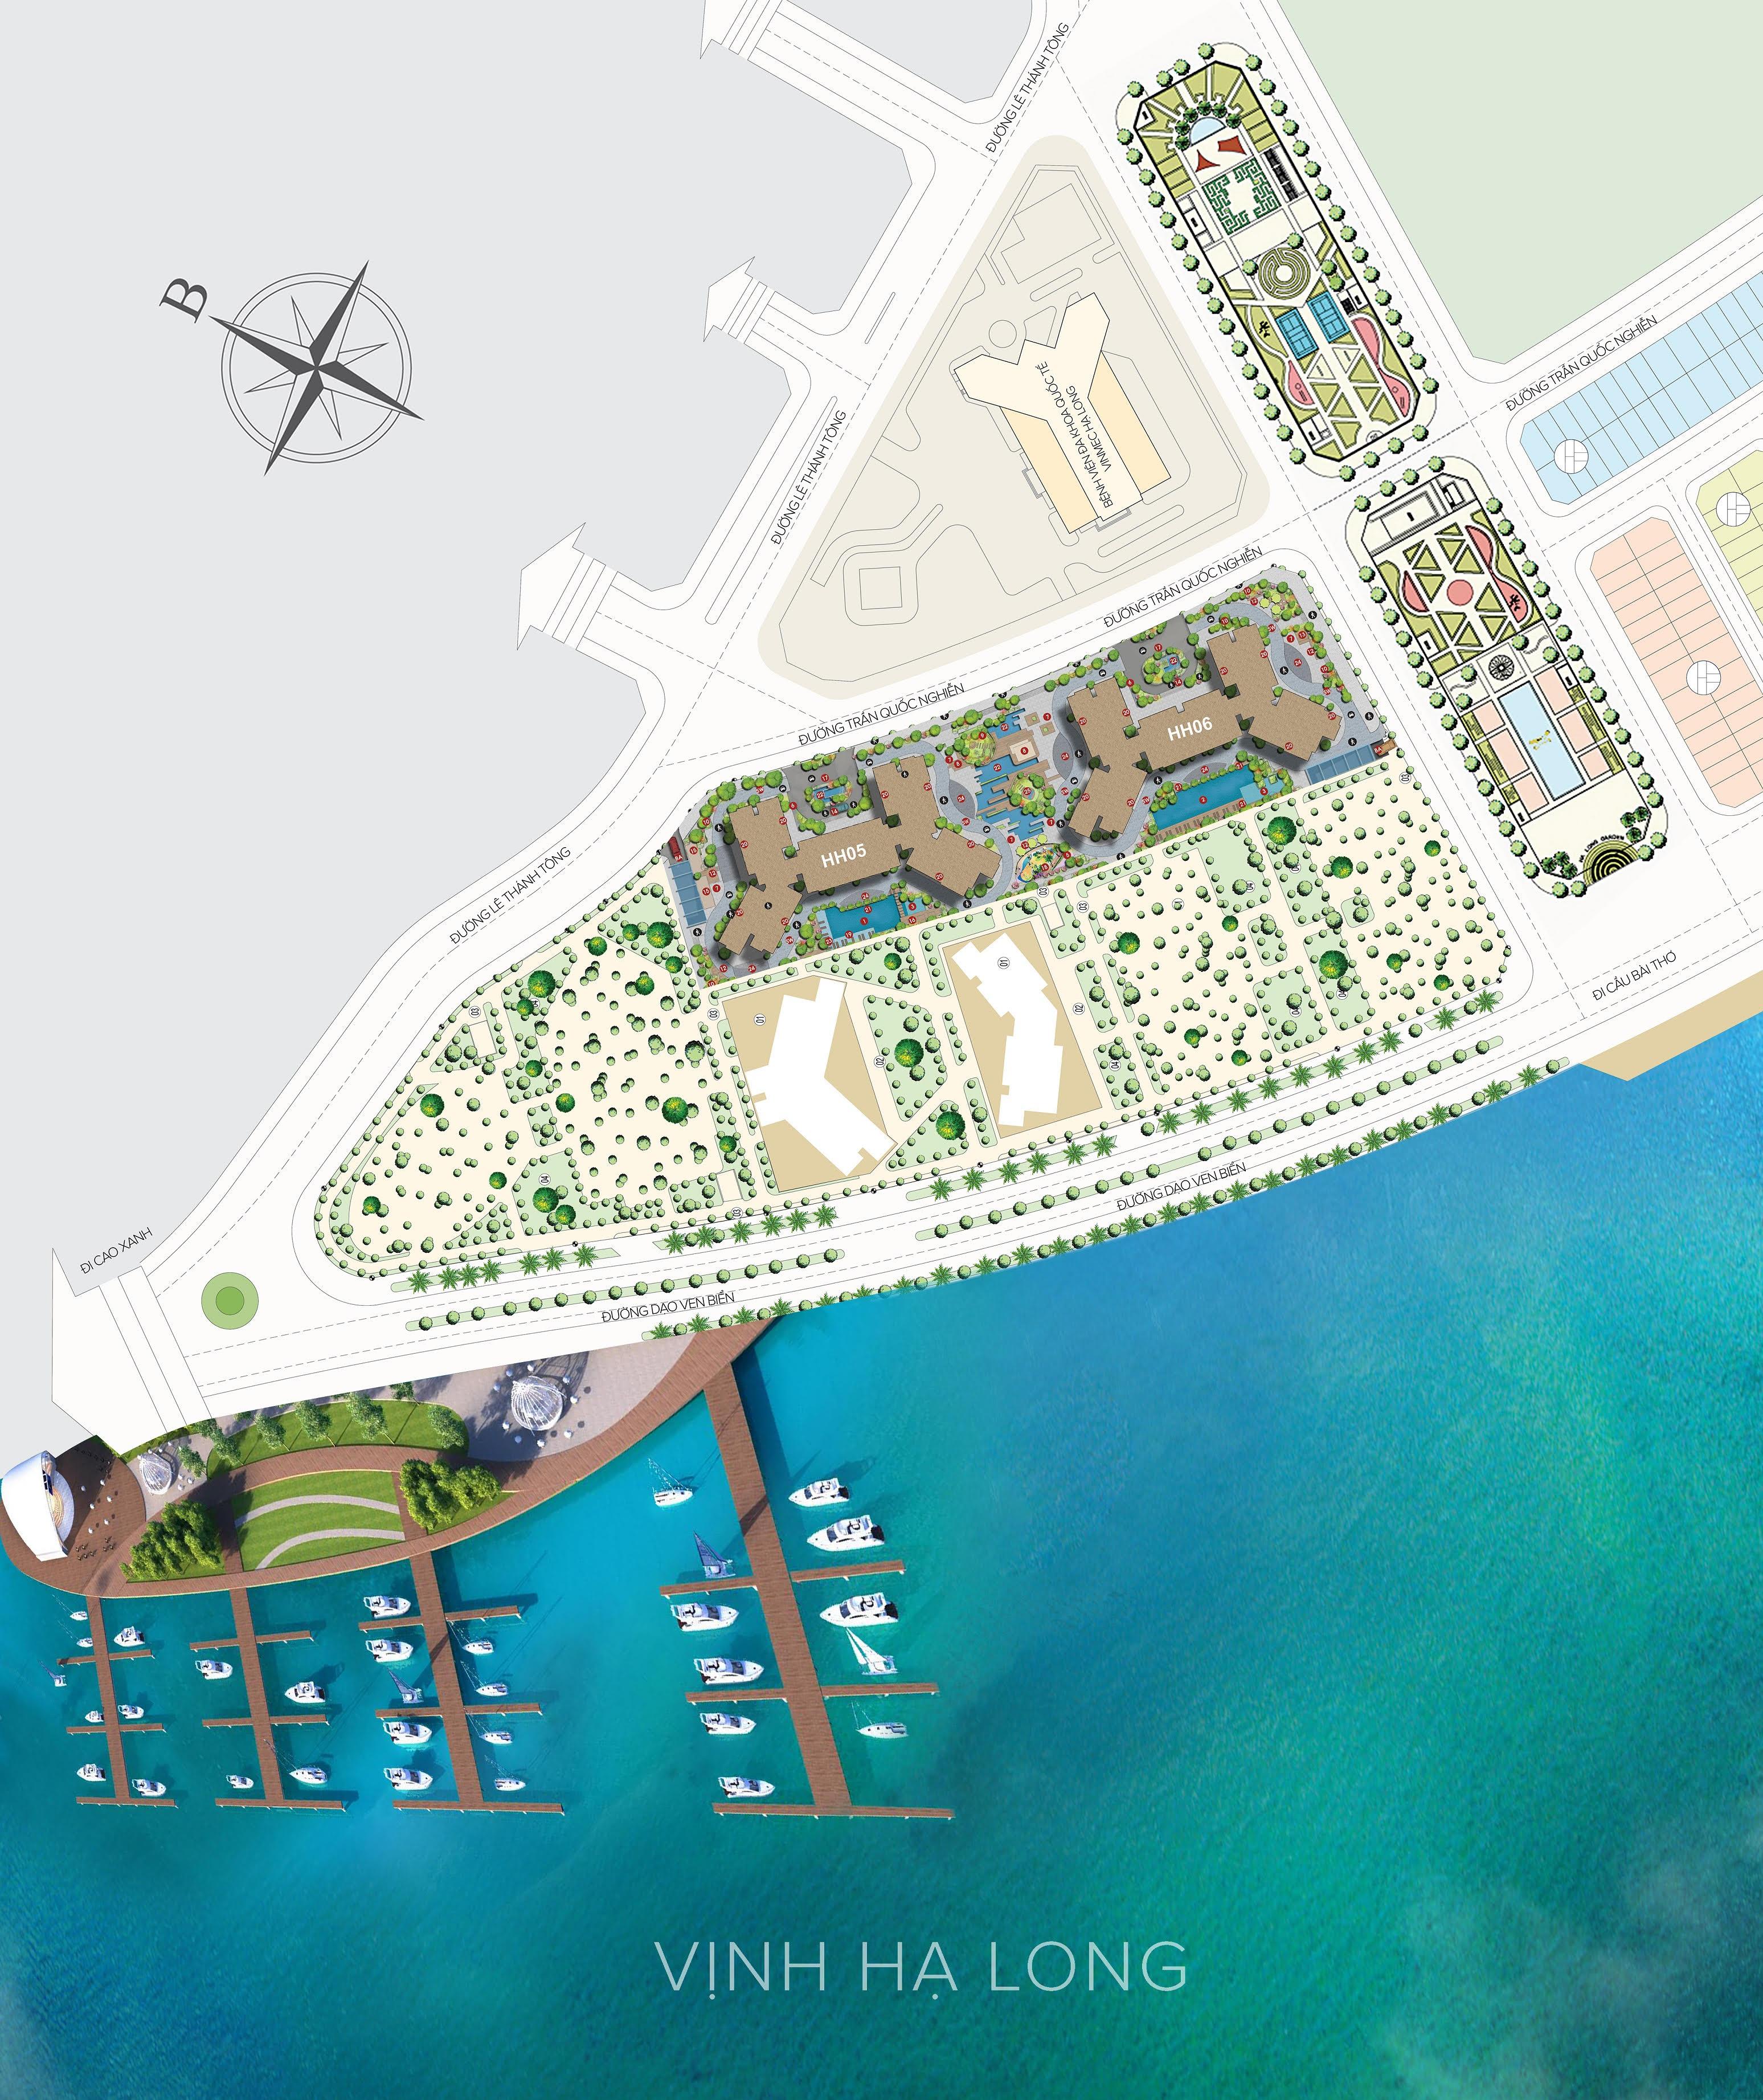 Mặt bằng thiết kế dự án chung cư Dragon Bay Hạ Long giai đoạn 2